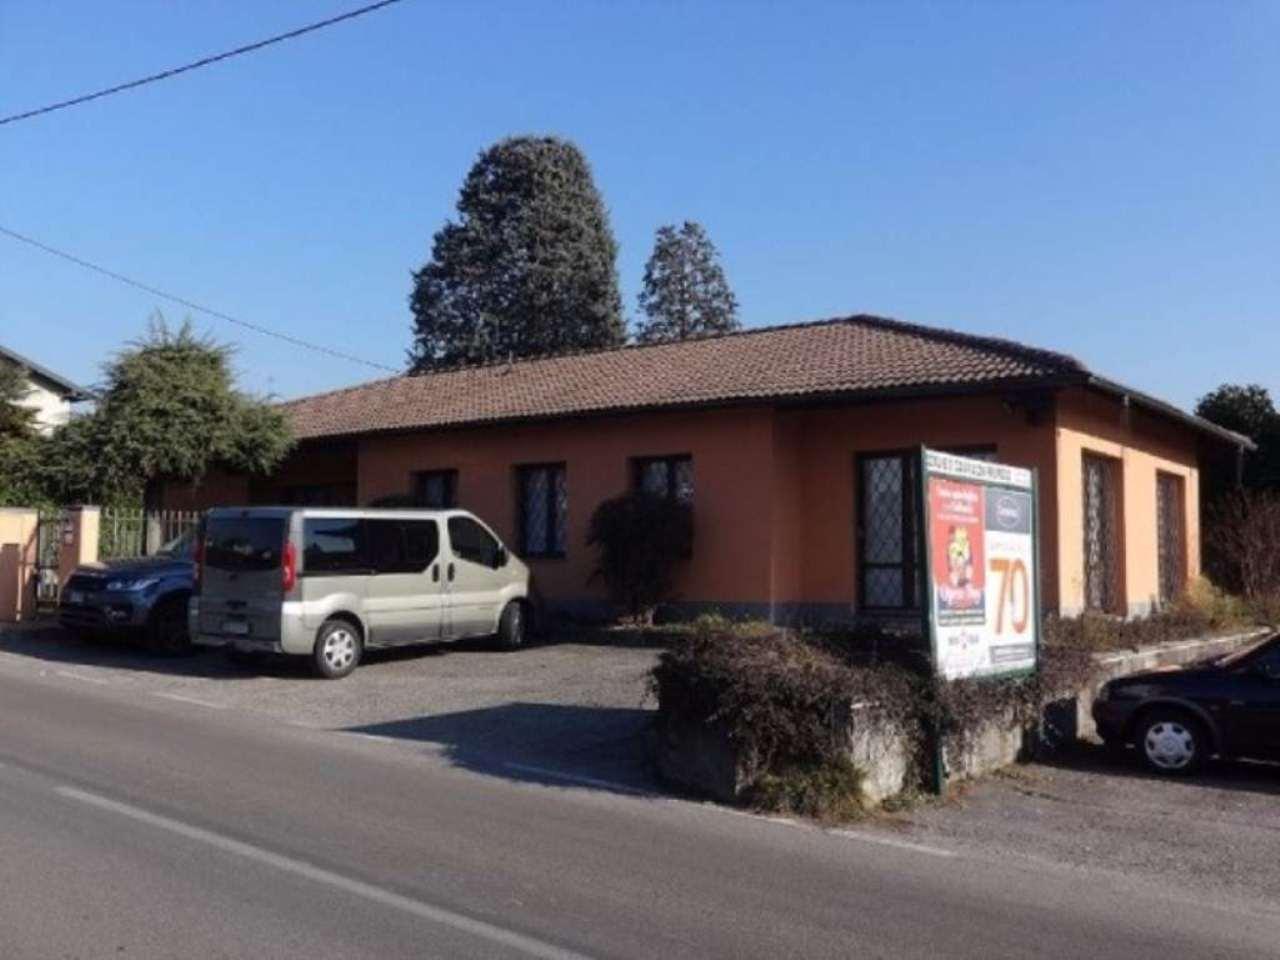 Negozio / Locale in vendita a Cavaria con Premezzo, 6 locali, prezzo € 200.000   Cambio Casa.it